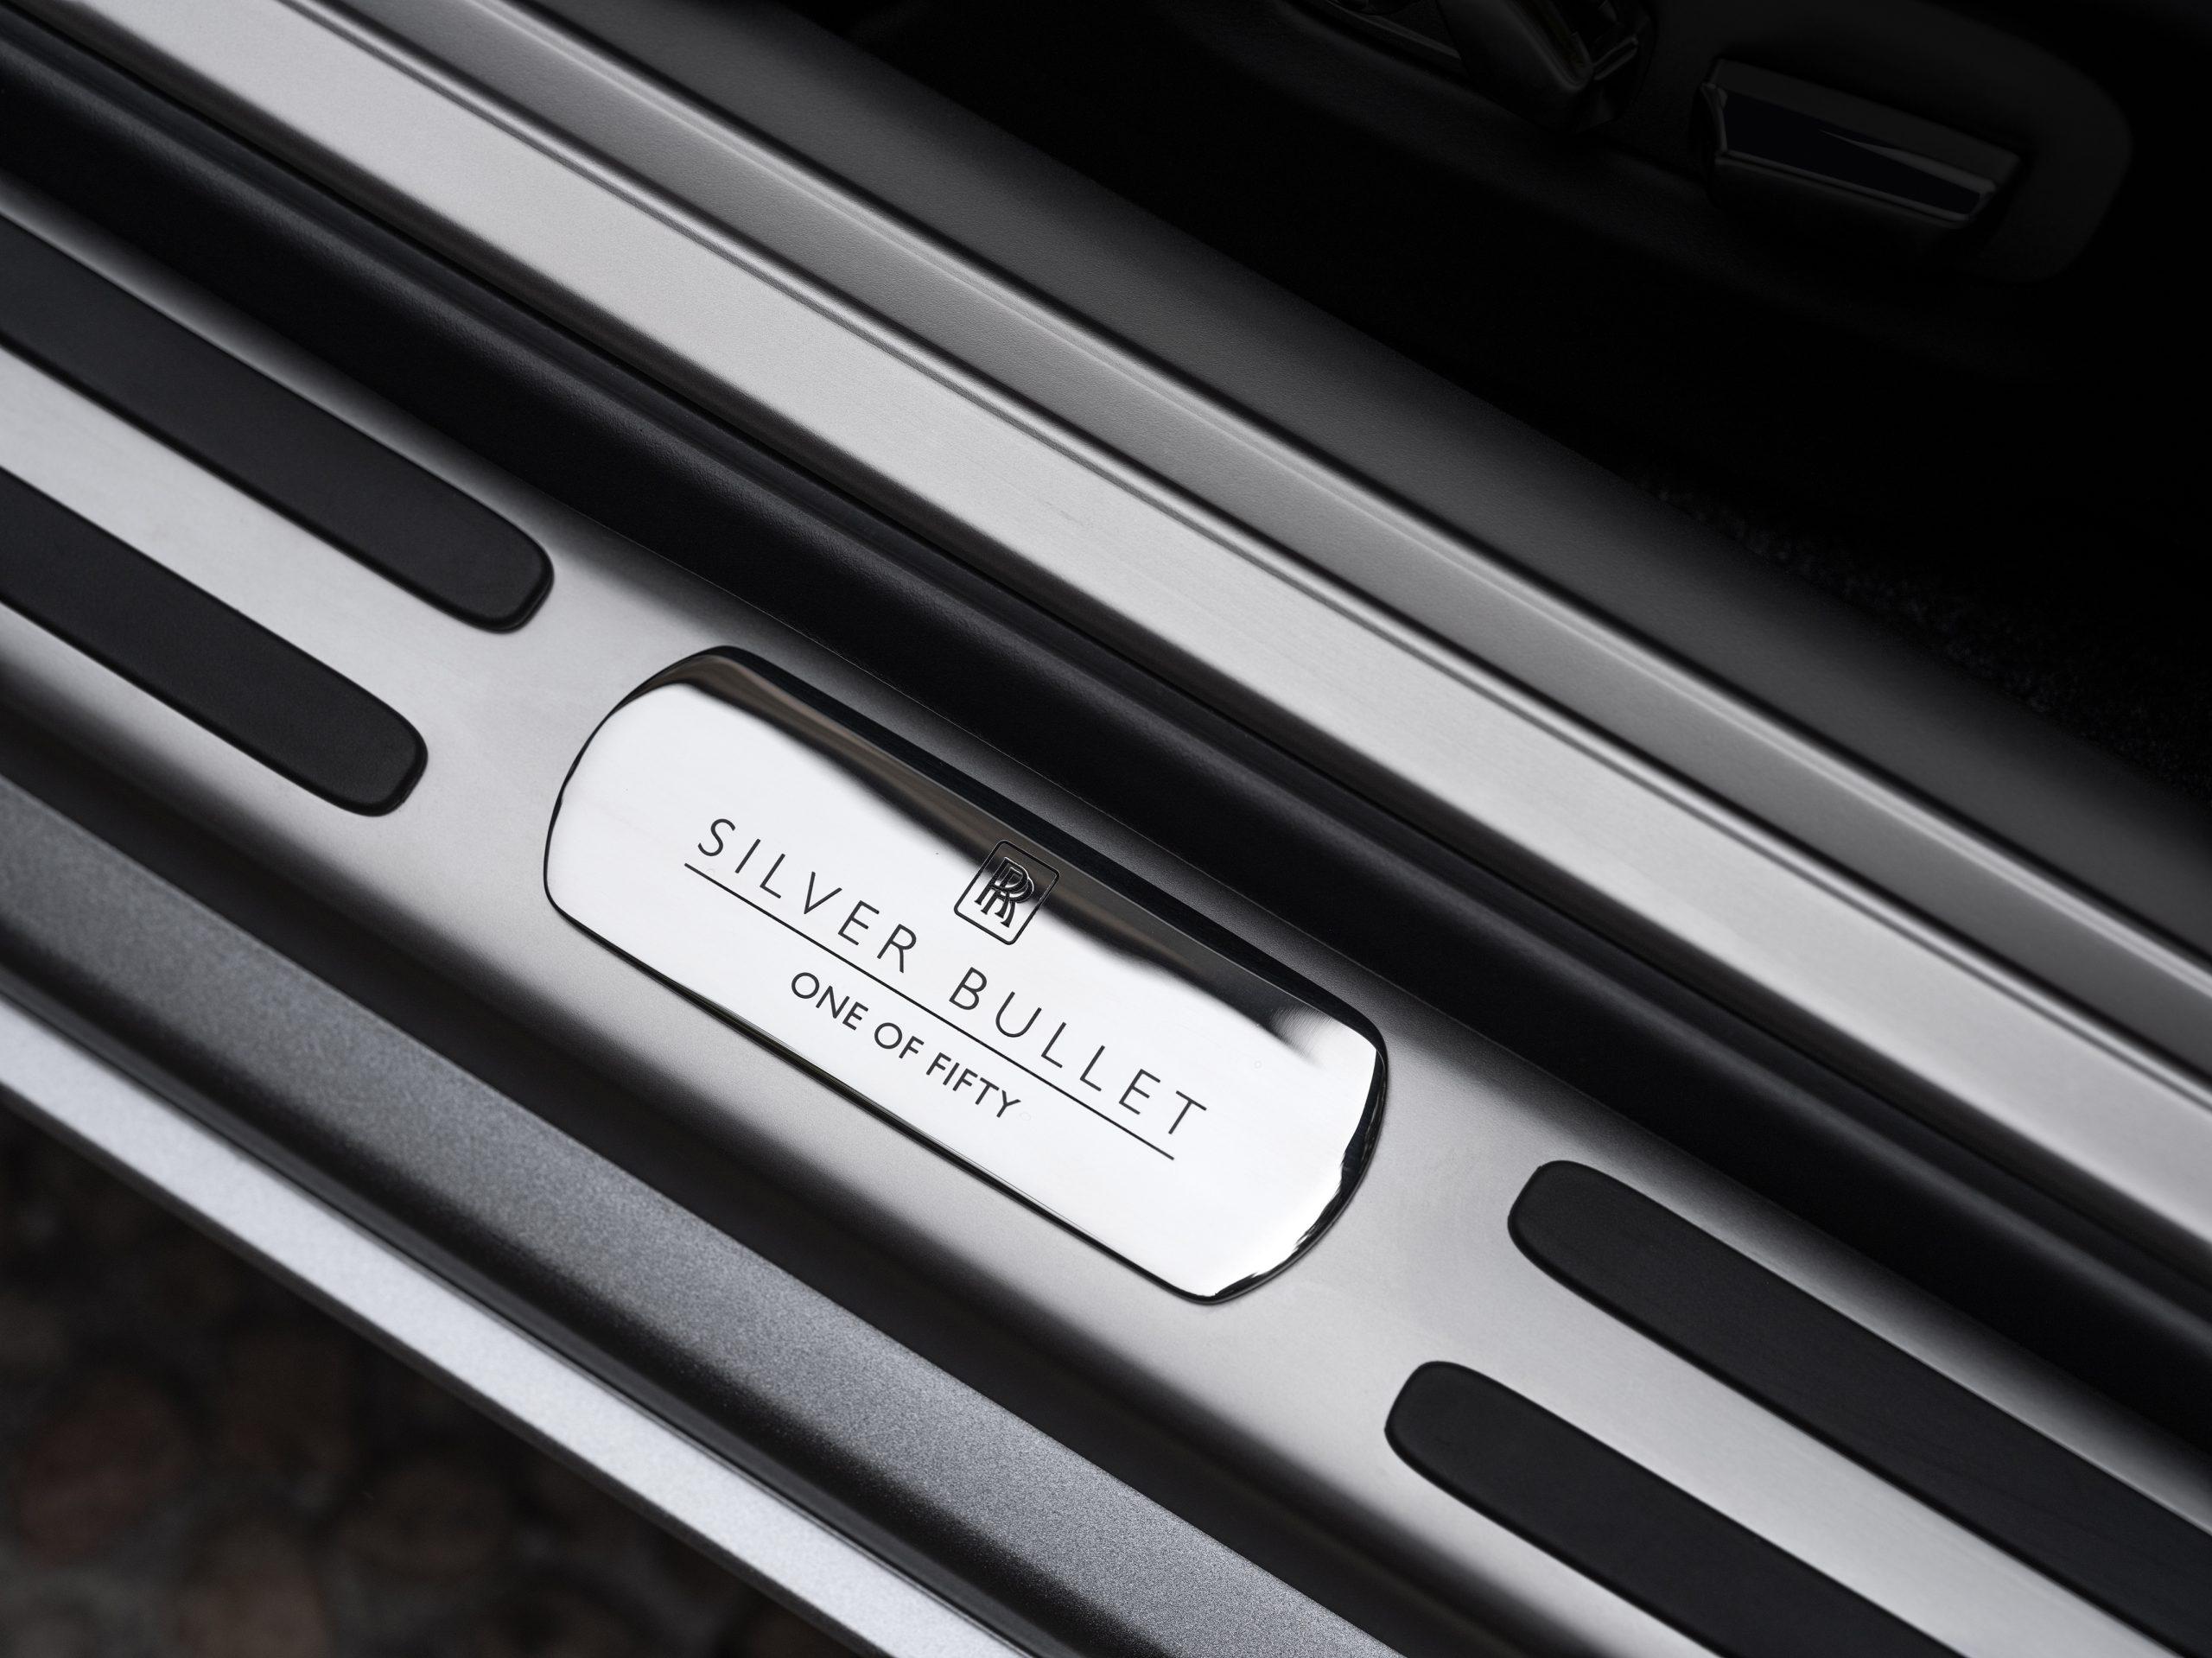 Rolls-Royce Dawn Silver Bullet Treadplate.jpg